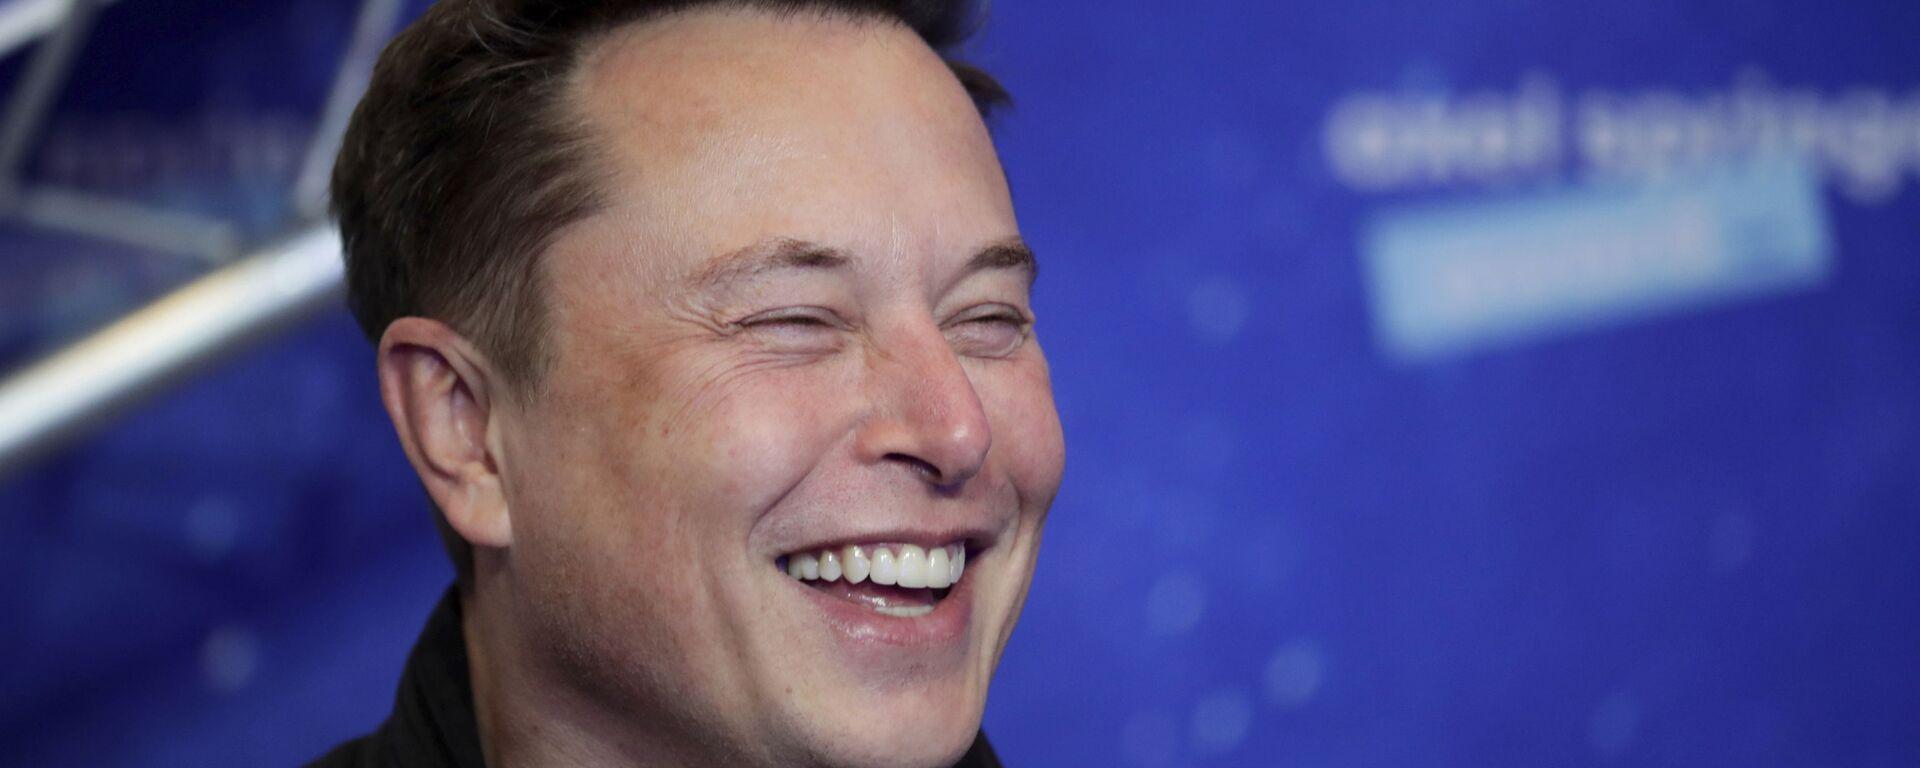 Elon Musk, fundador de Tesla y SpaceX - Sputnik Mundo, 1920, 20.09.2021